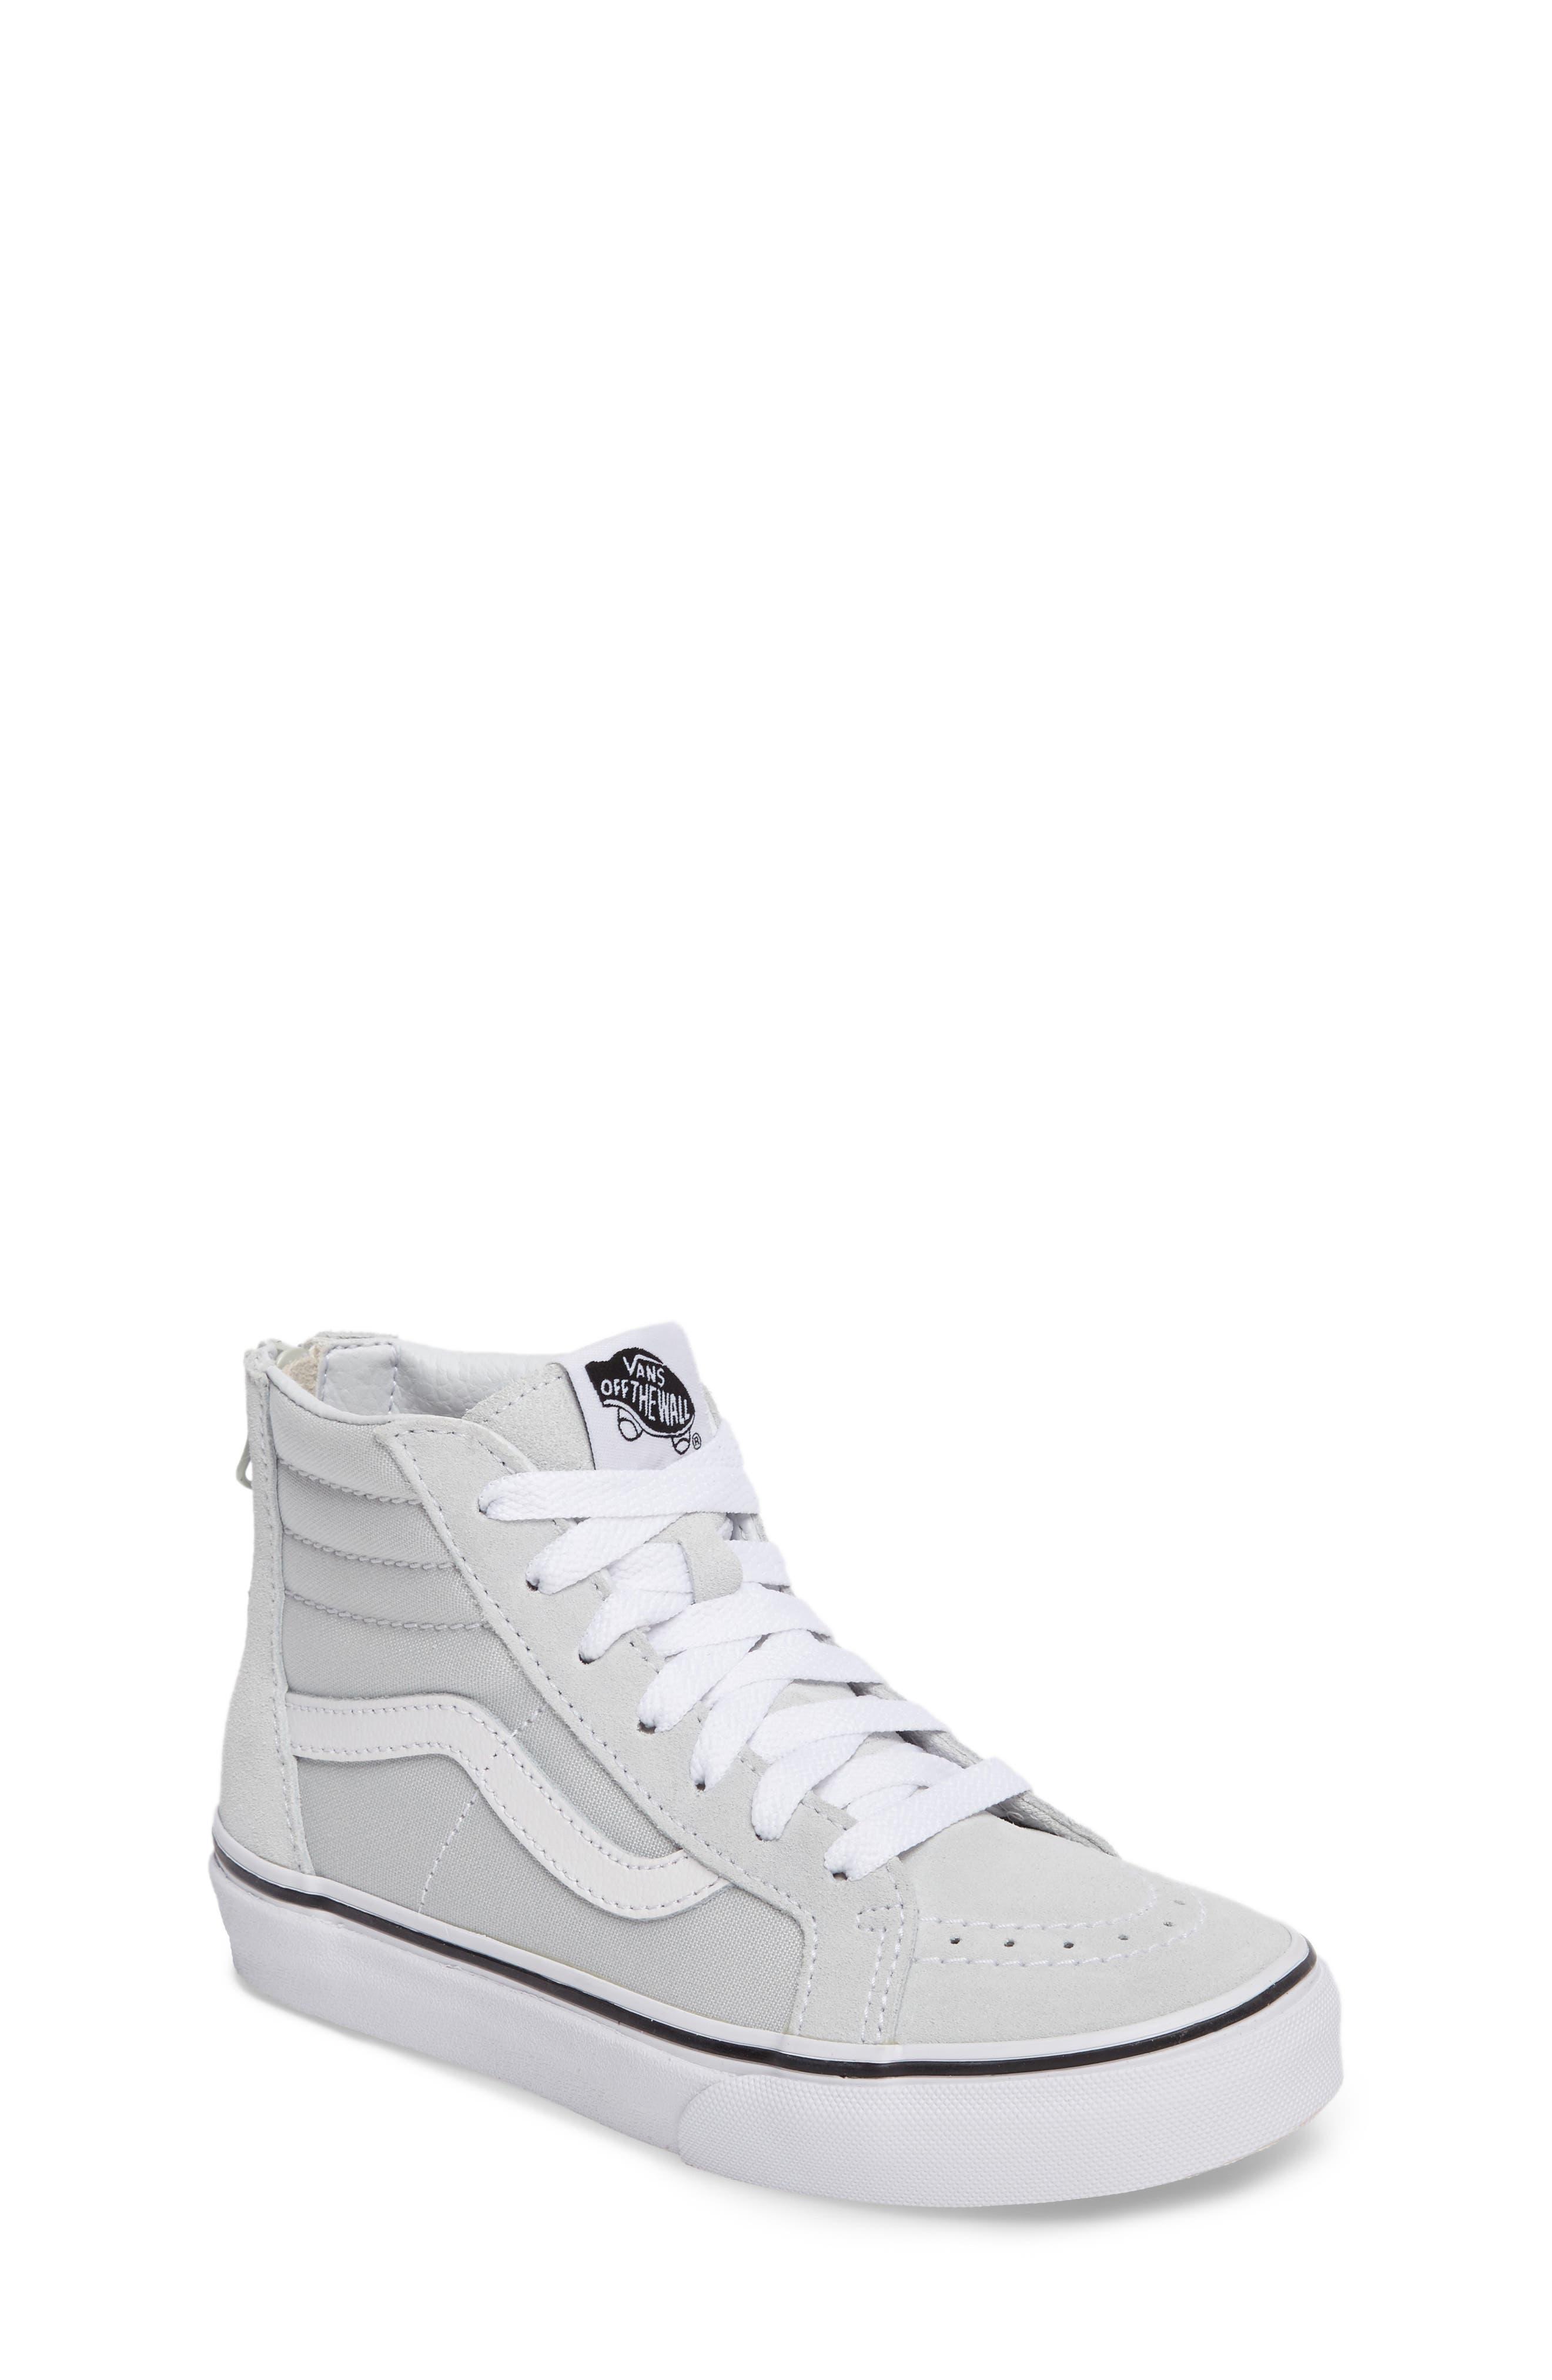 SK8-Hi Zip Sneaker,                         Main,                         color, 900